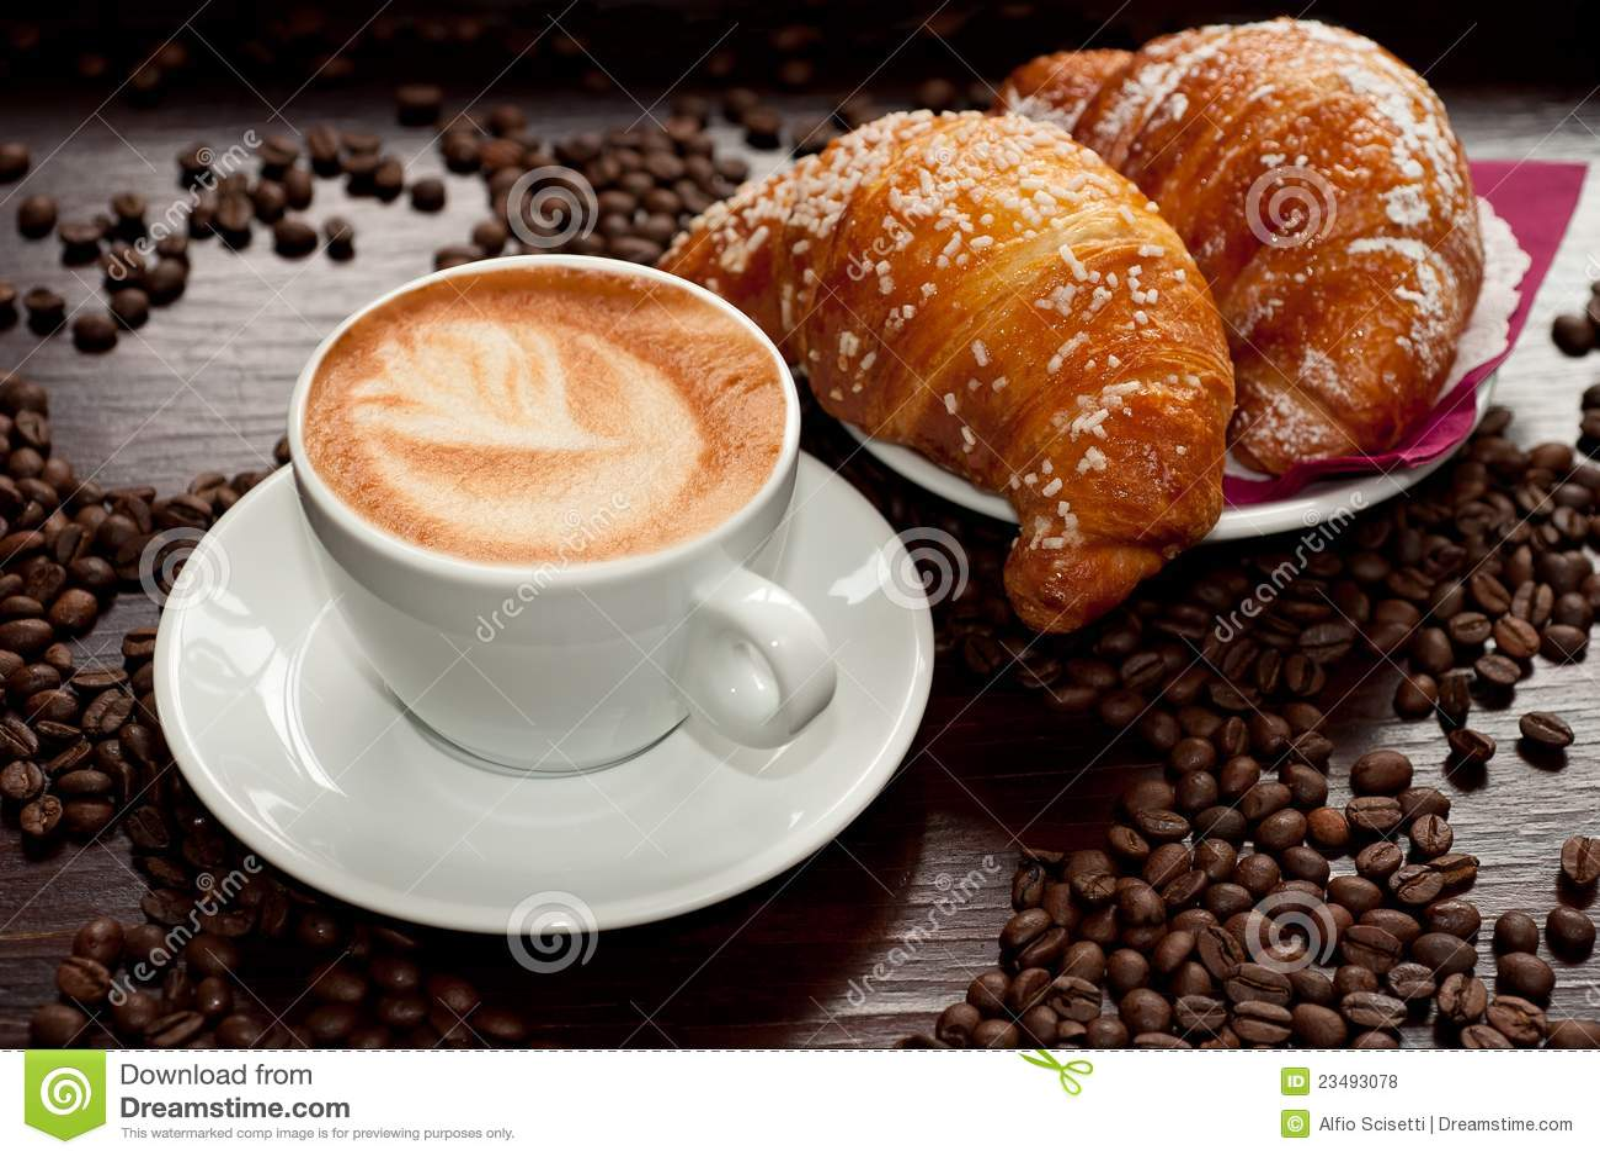 Brioche Coffee